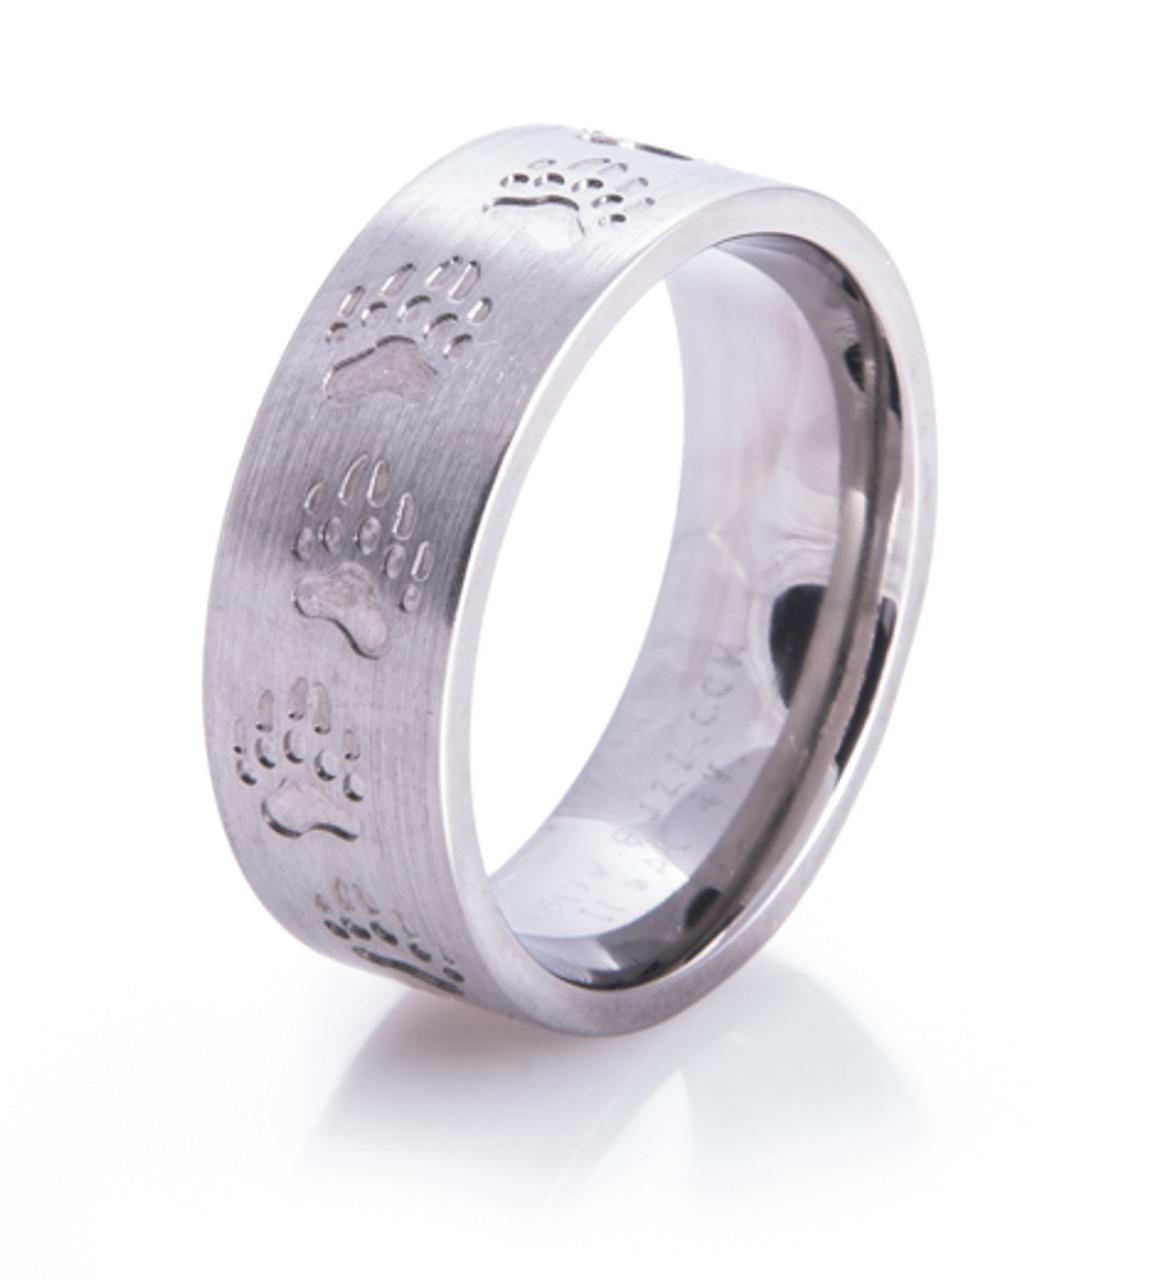 Bear Tracks Wedding Ring Unique Titanium Rings More TitaniumBuzz